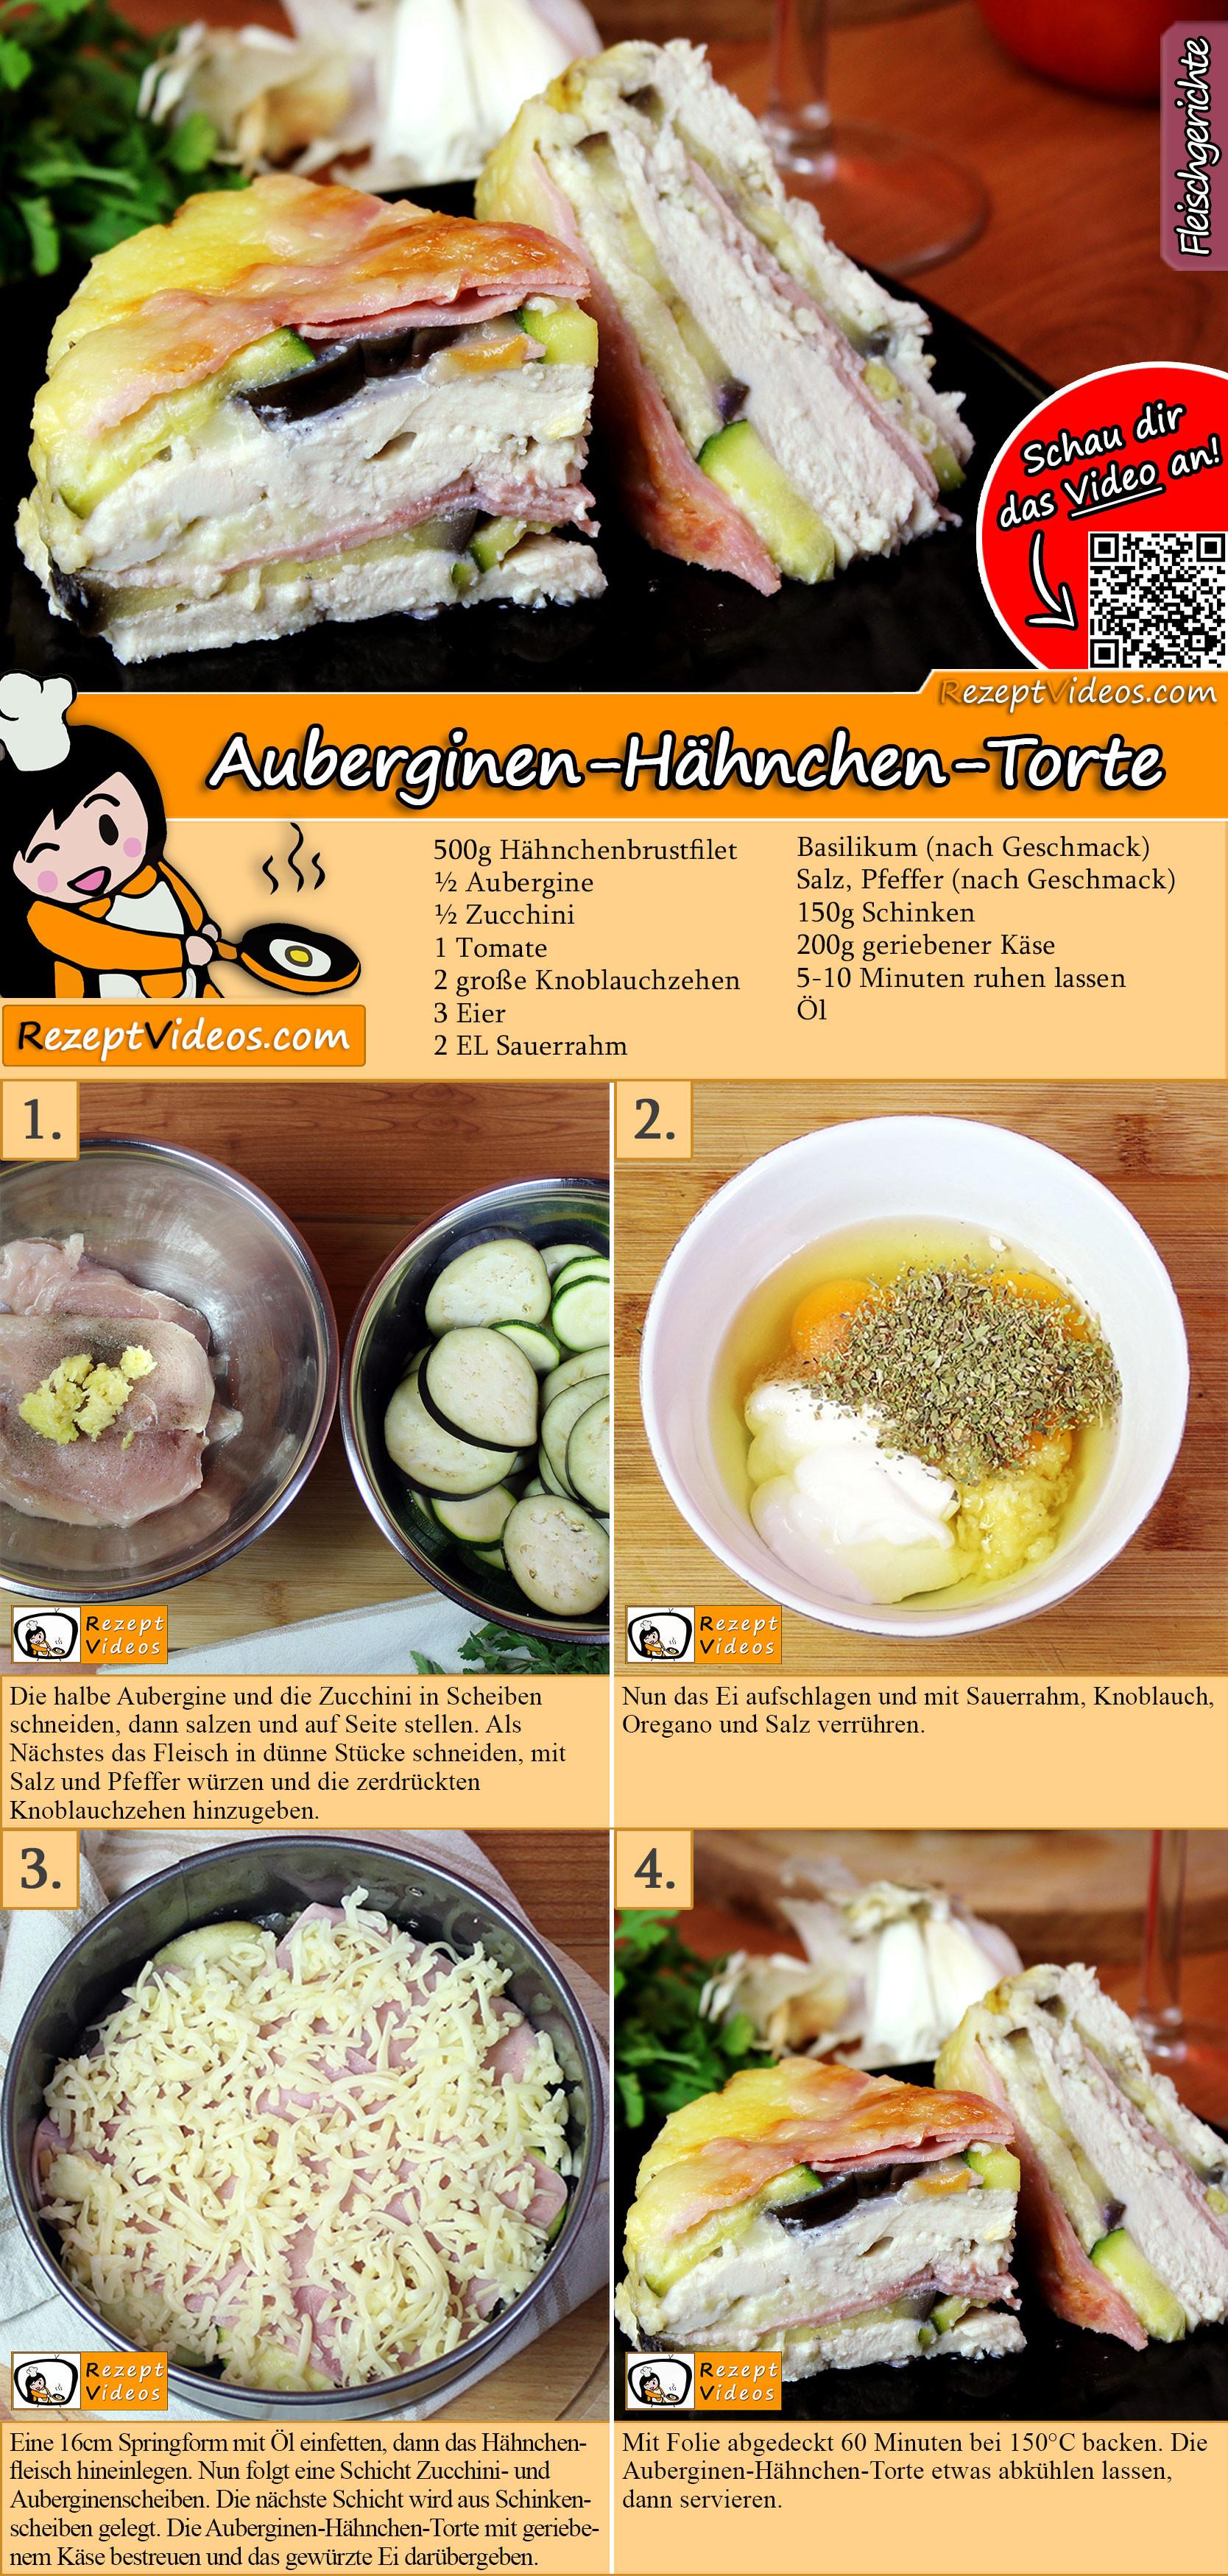 Auberginen-Hähnchen-Torte Rezept mit Video